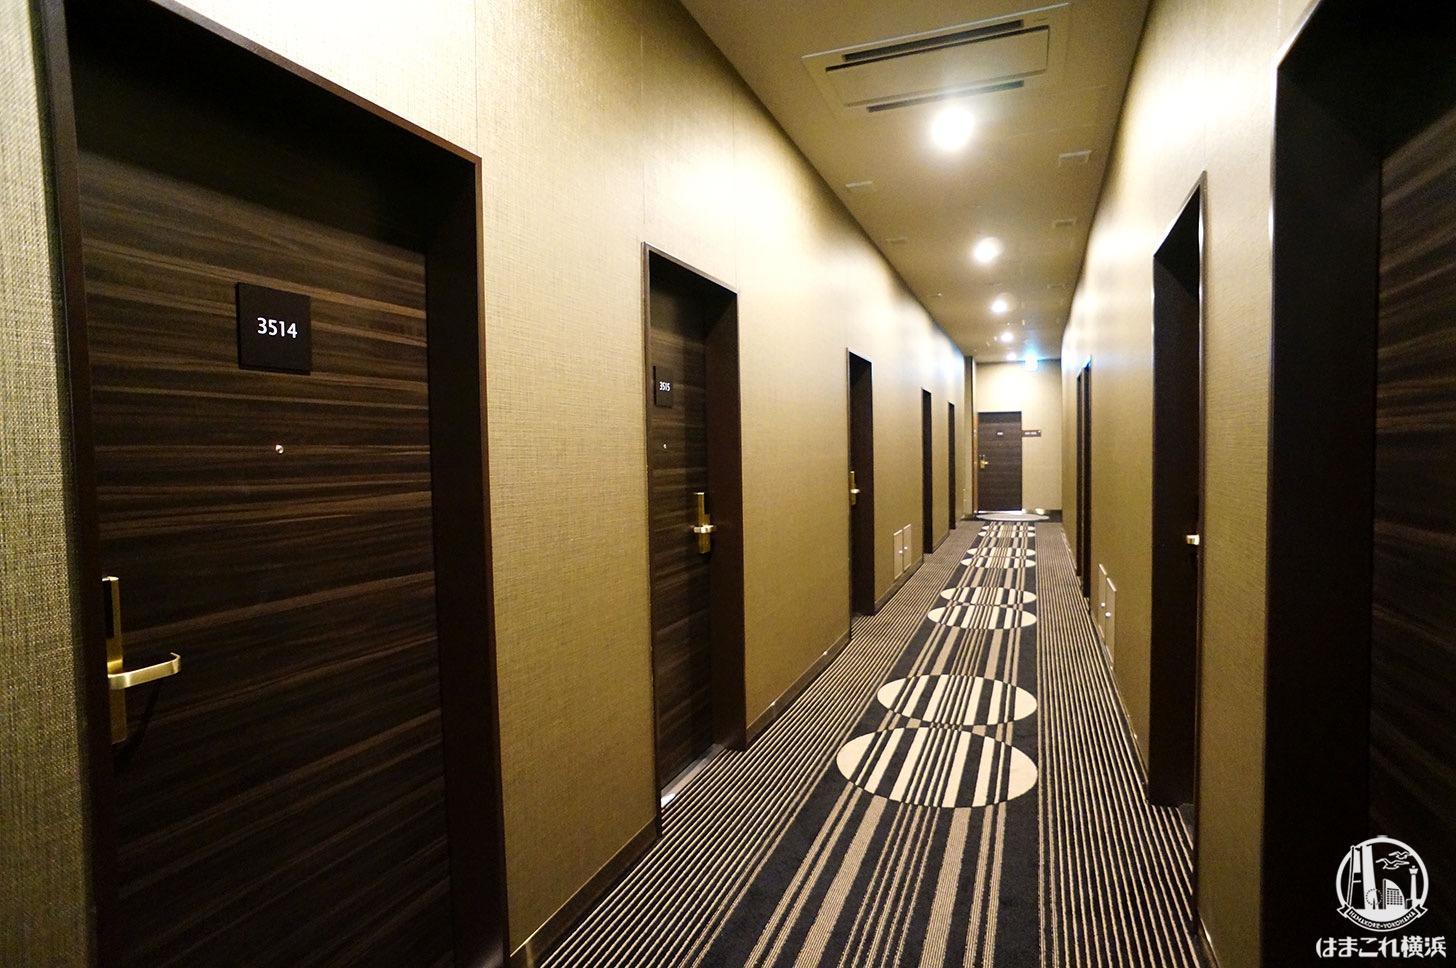 アパホテル&リゾート 横浜ベイタワー 最上階客室